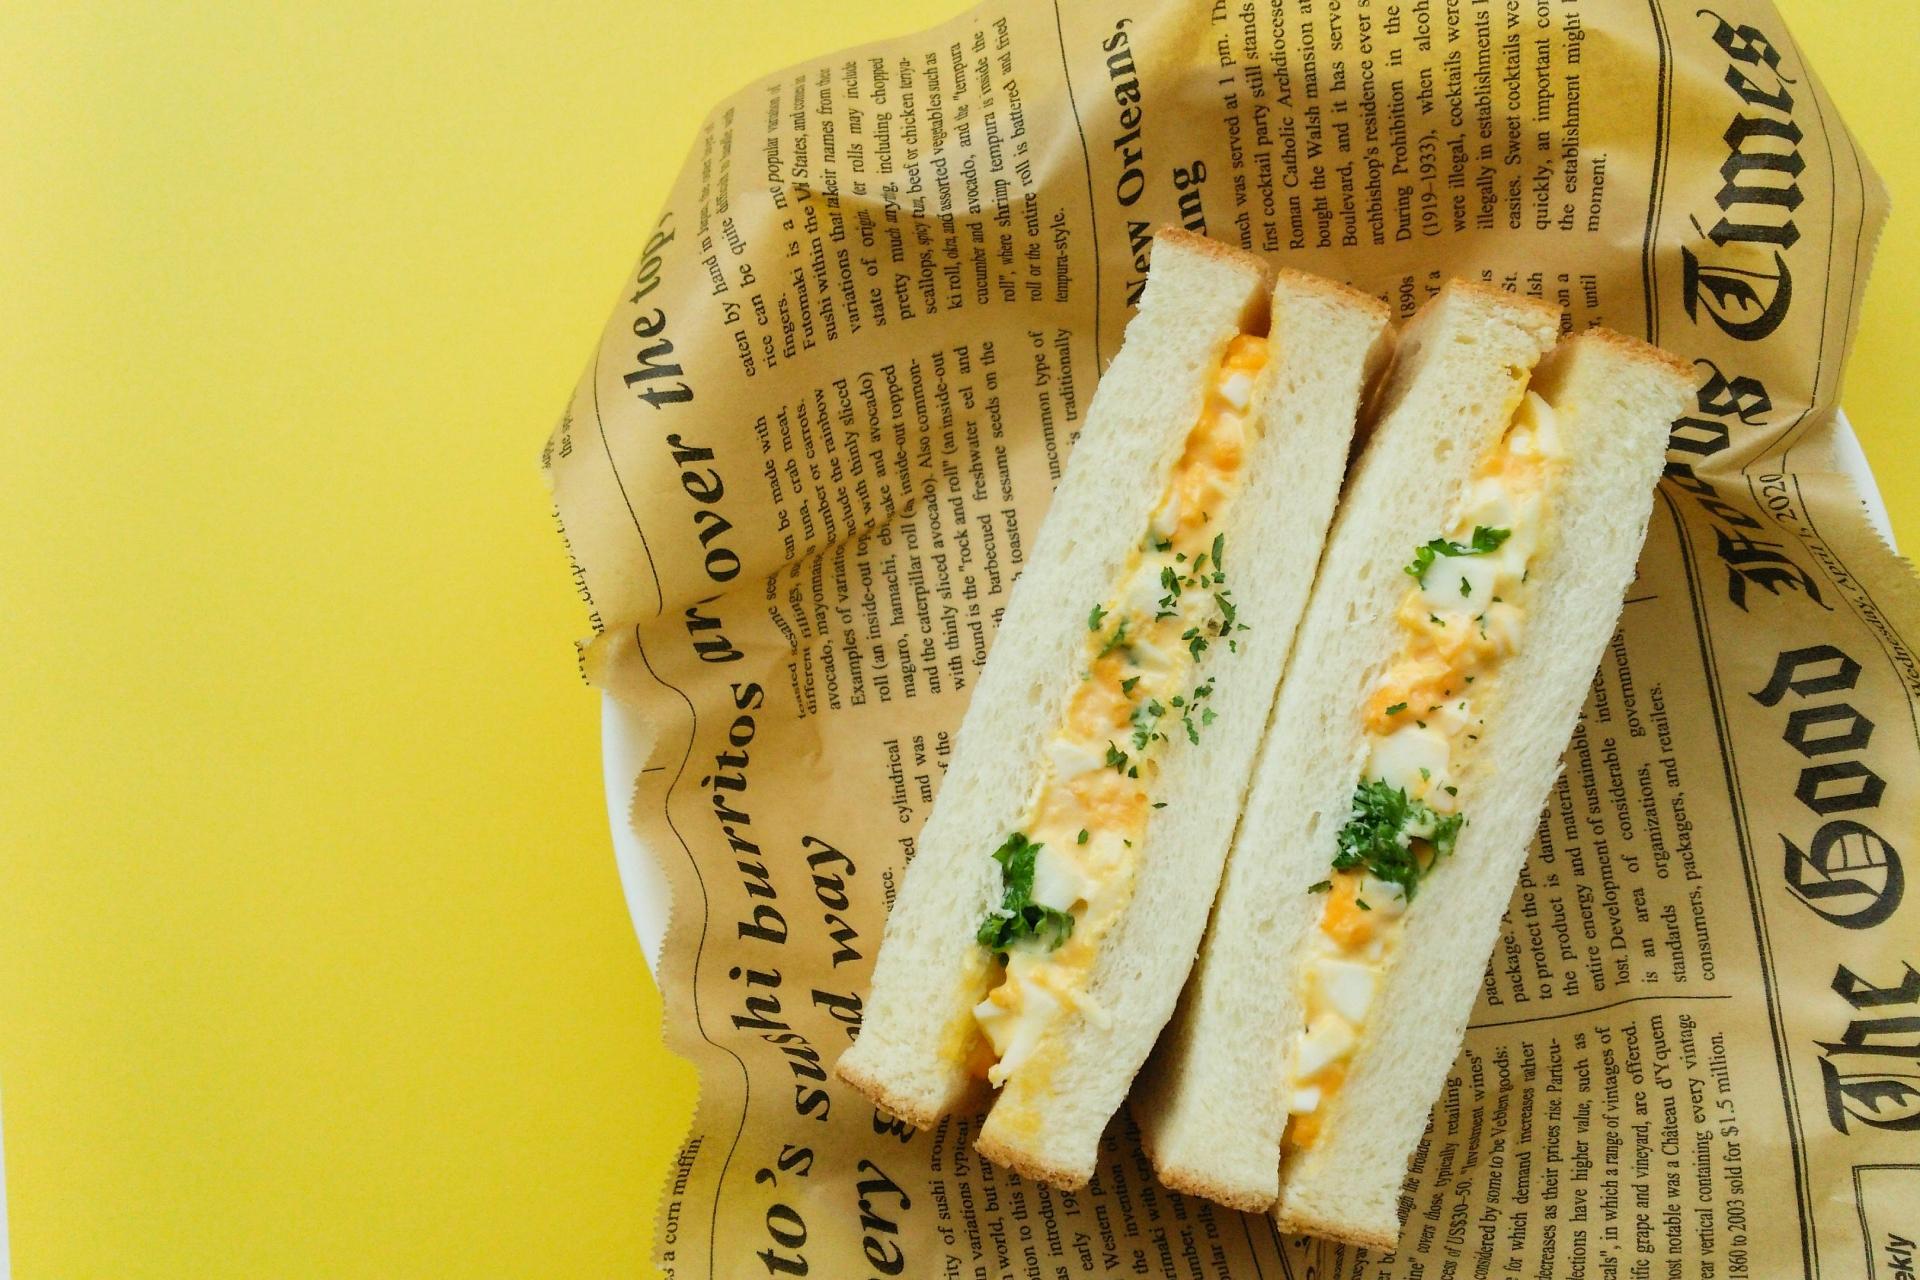 キッチンカーのサンドイッチ屋が人気沸騰